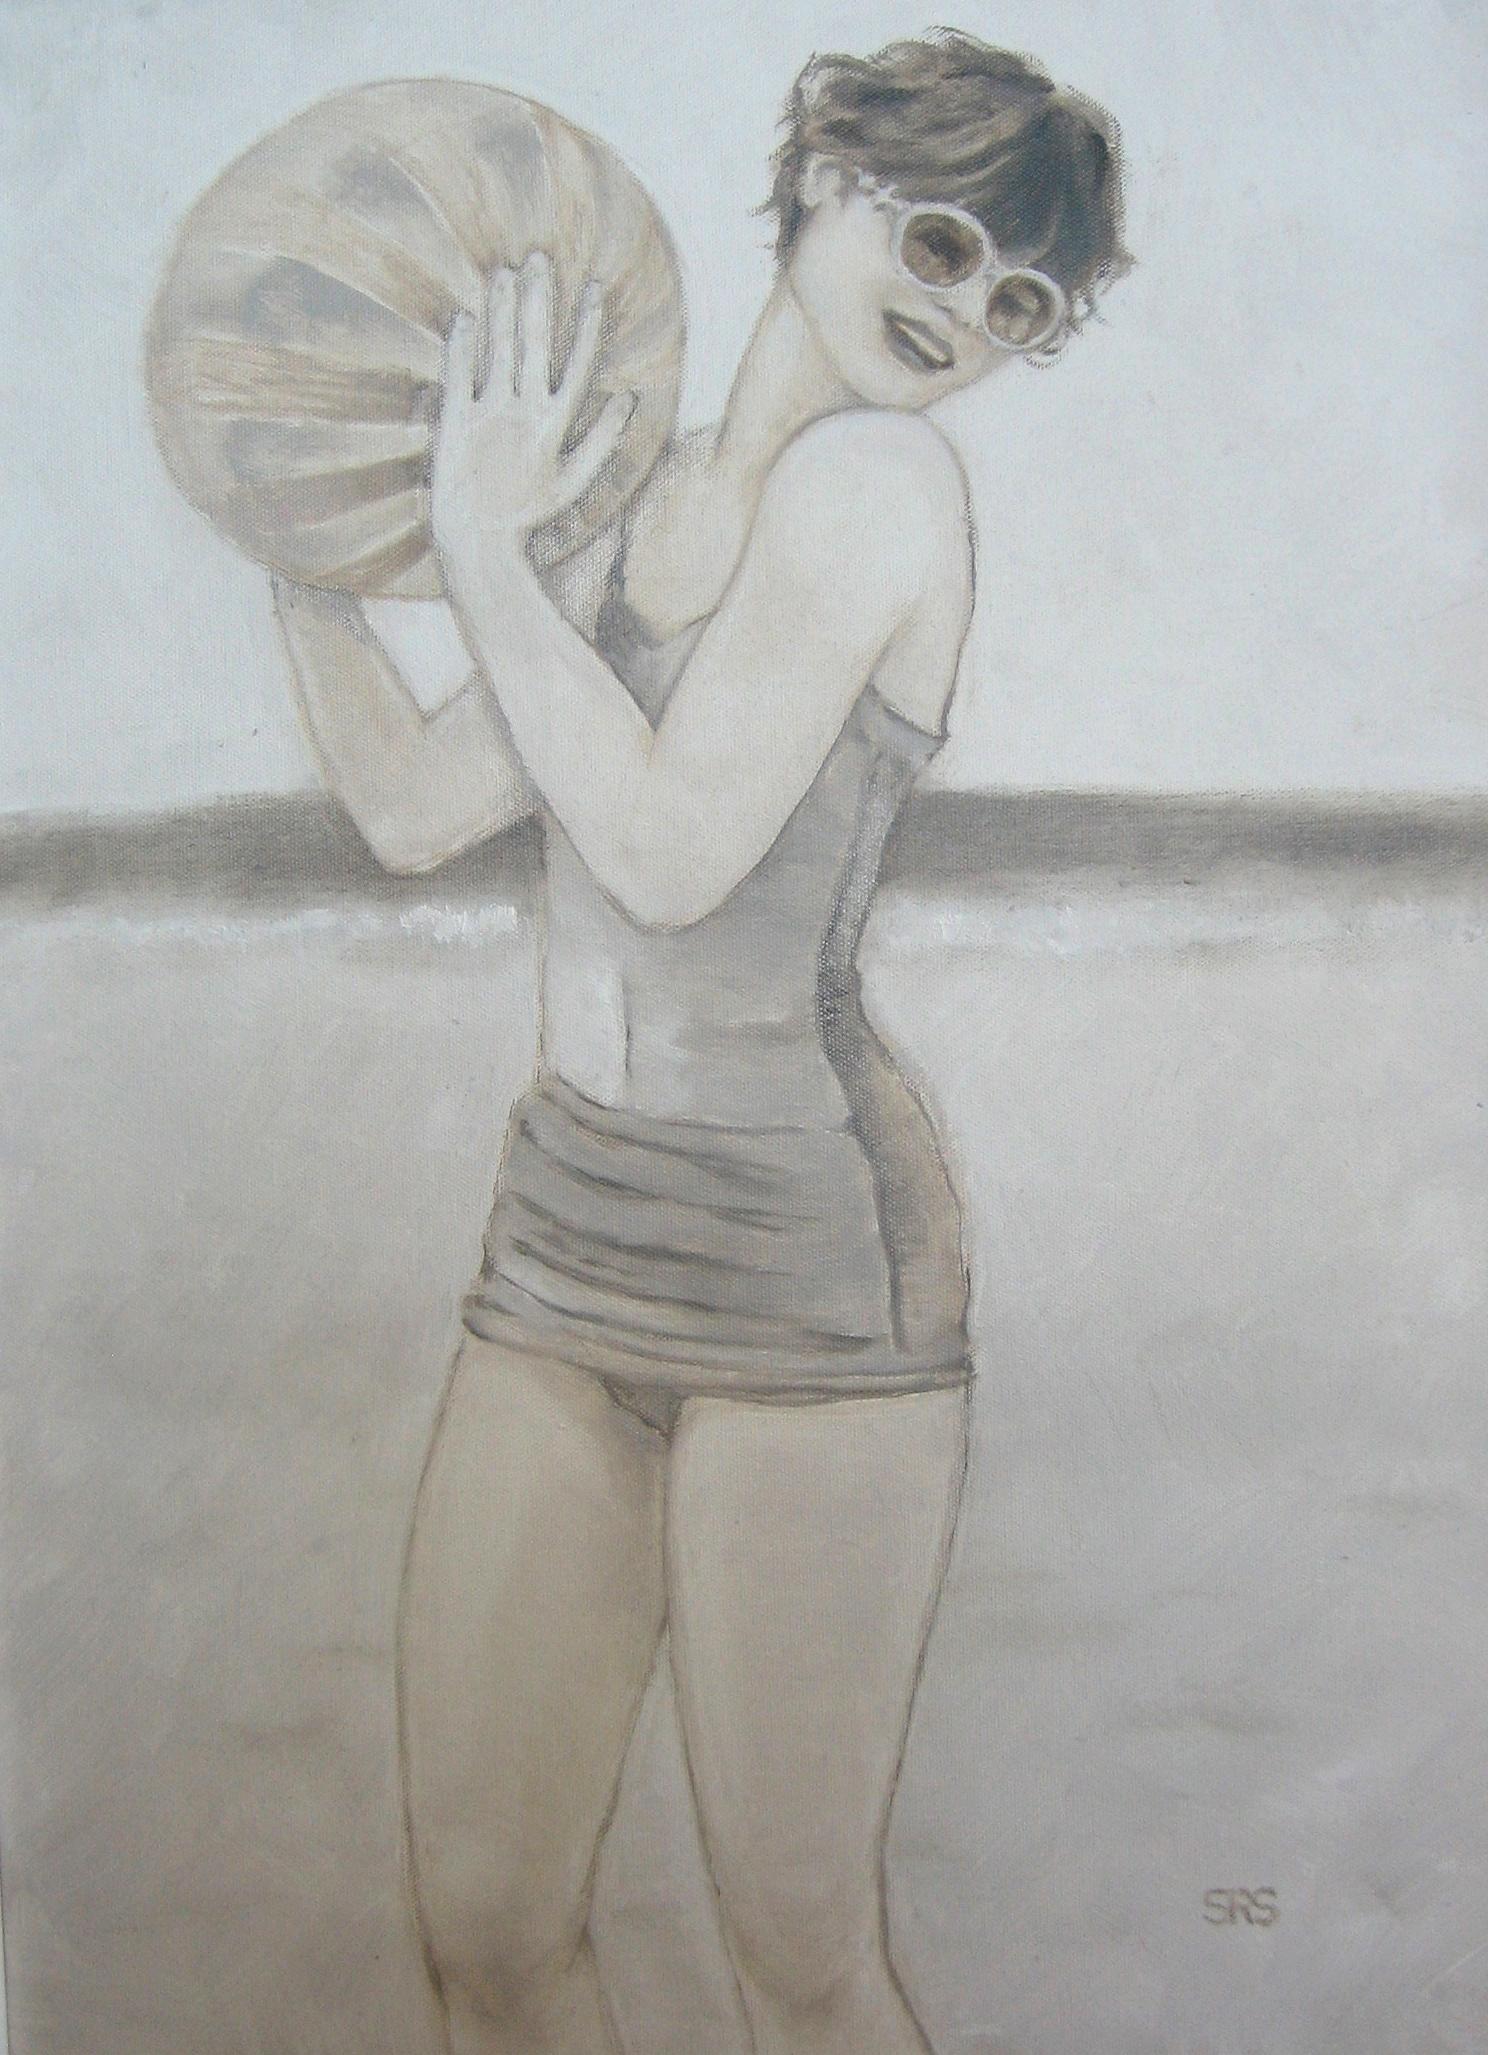 Beach Ball Girl, 2015